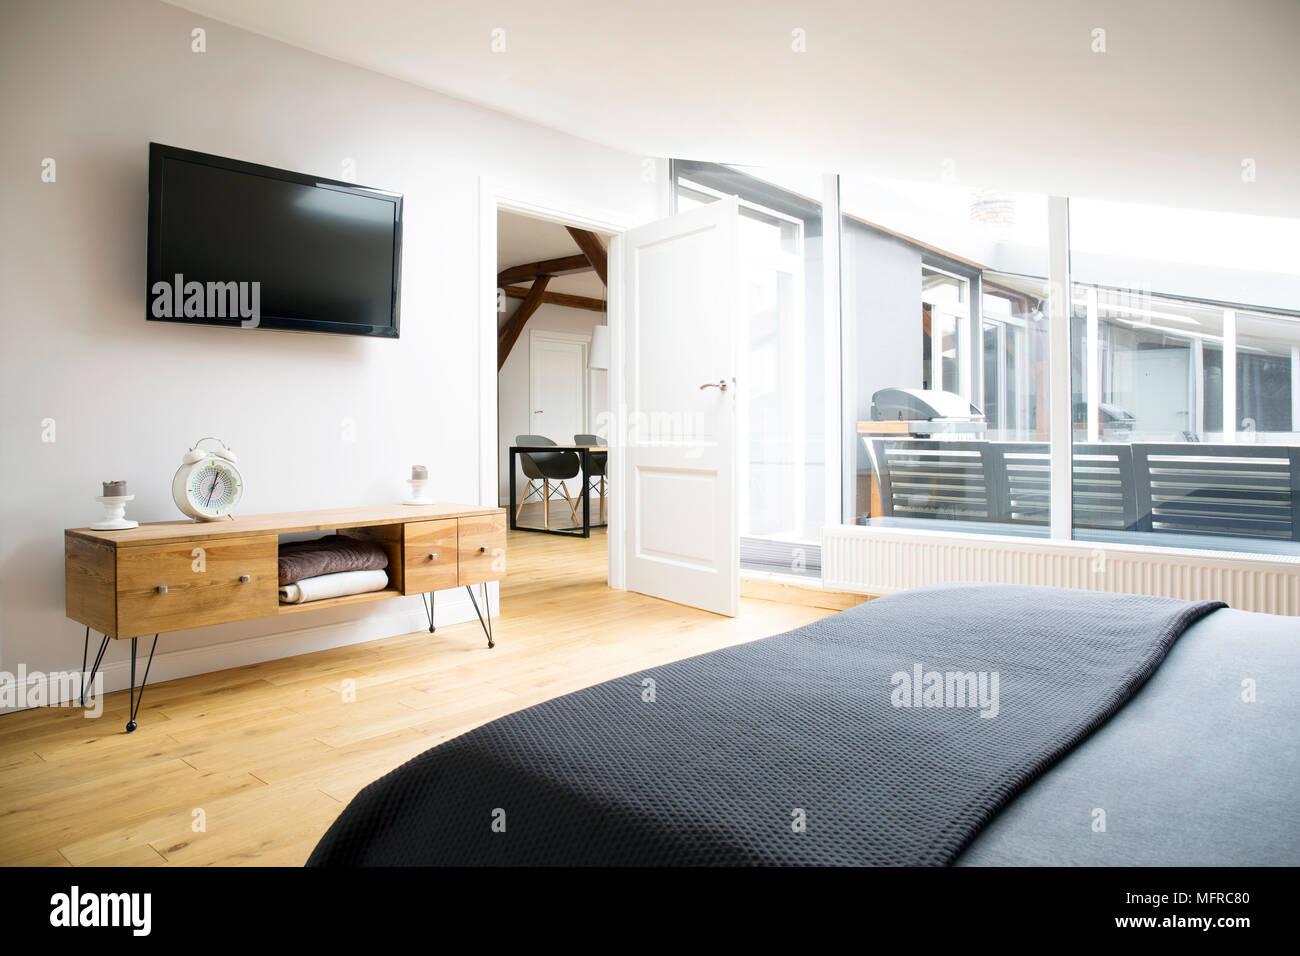 Seitenansicht Schlafzimmer Einrichtung mit TV, Schrank und große ...